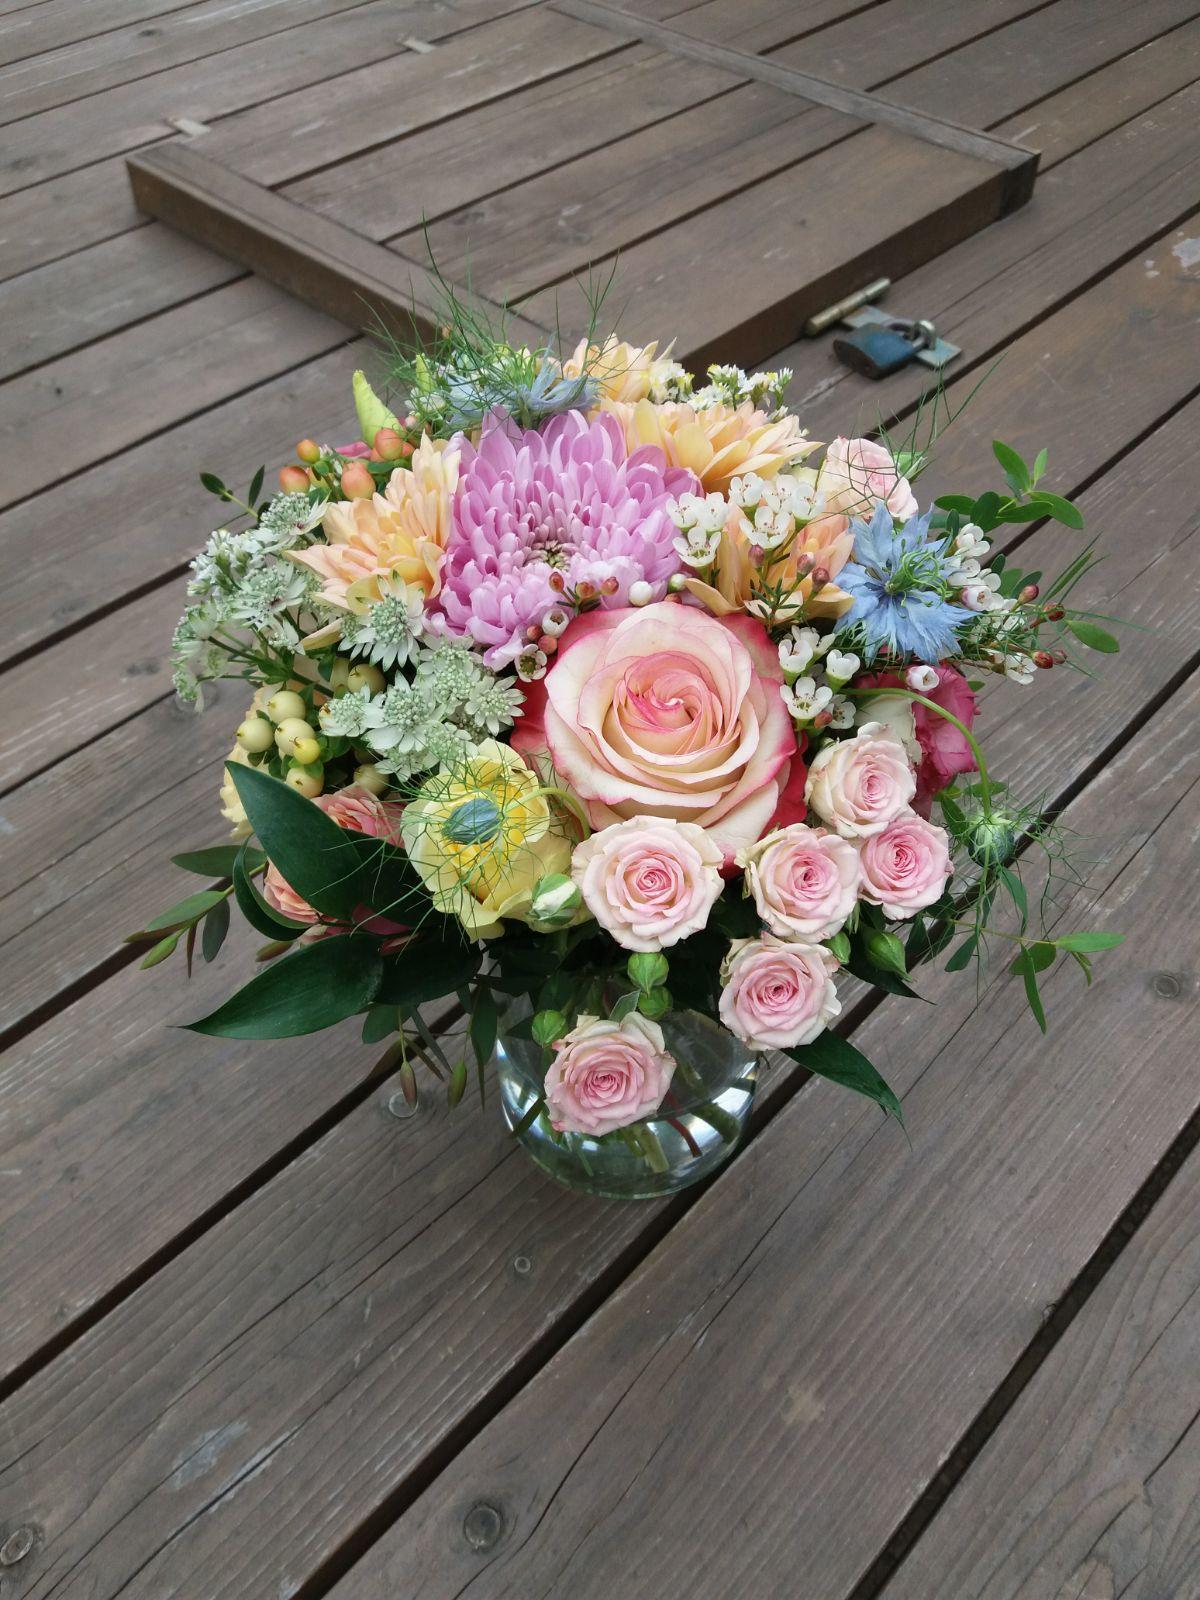 Květnová svatba plná barev! - Obrázek č. 3